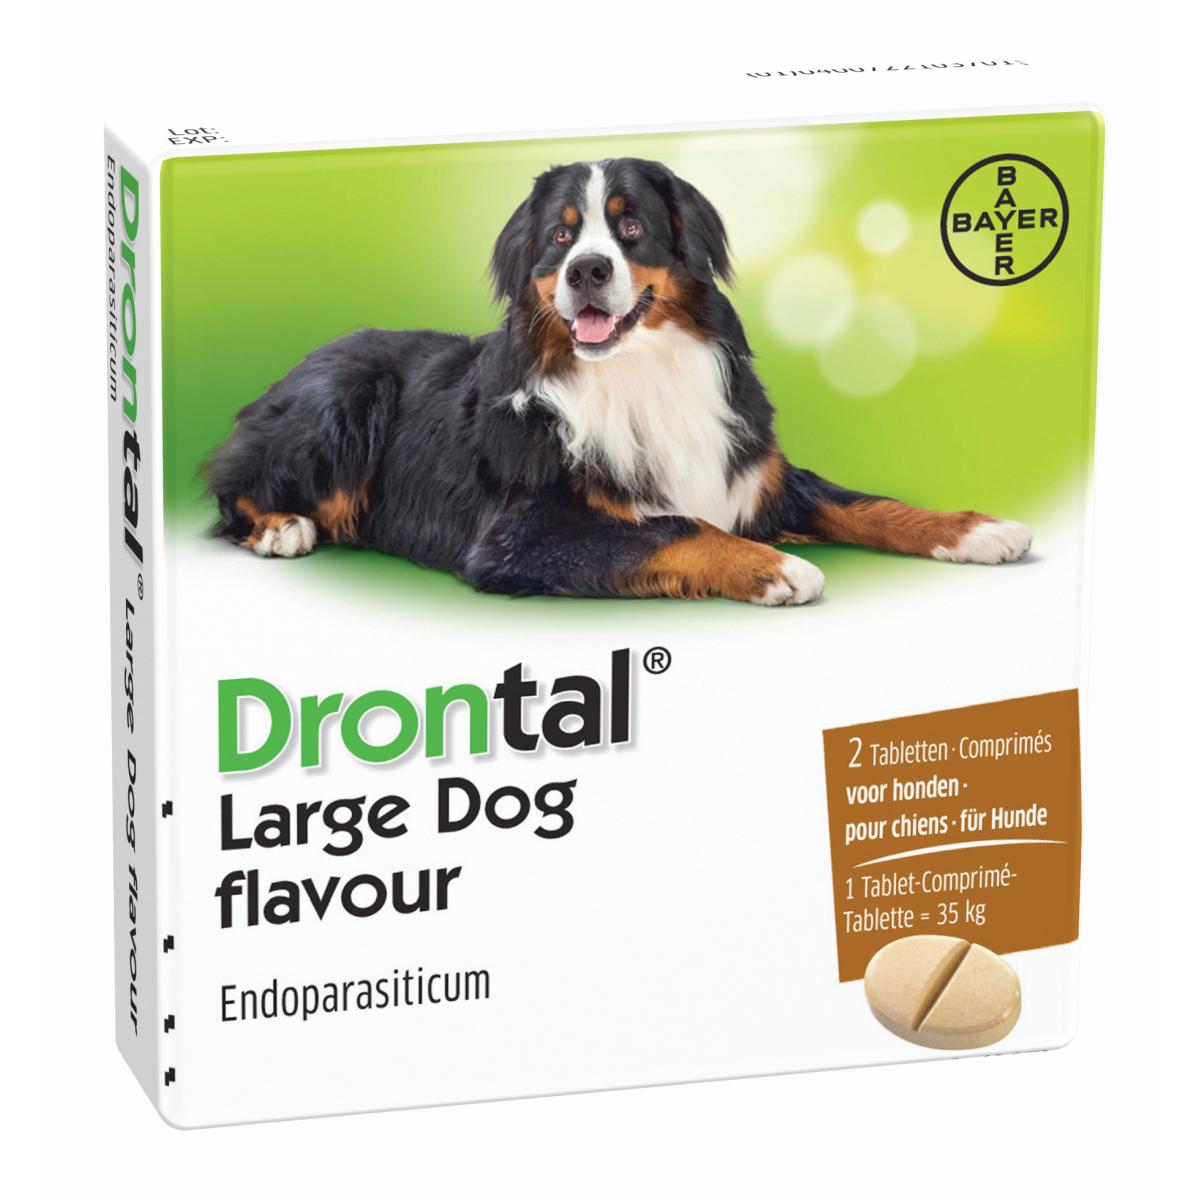 Drontal Large Dog Flavour ontwormingsmiddel 2 Tabletten